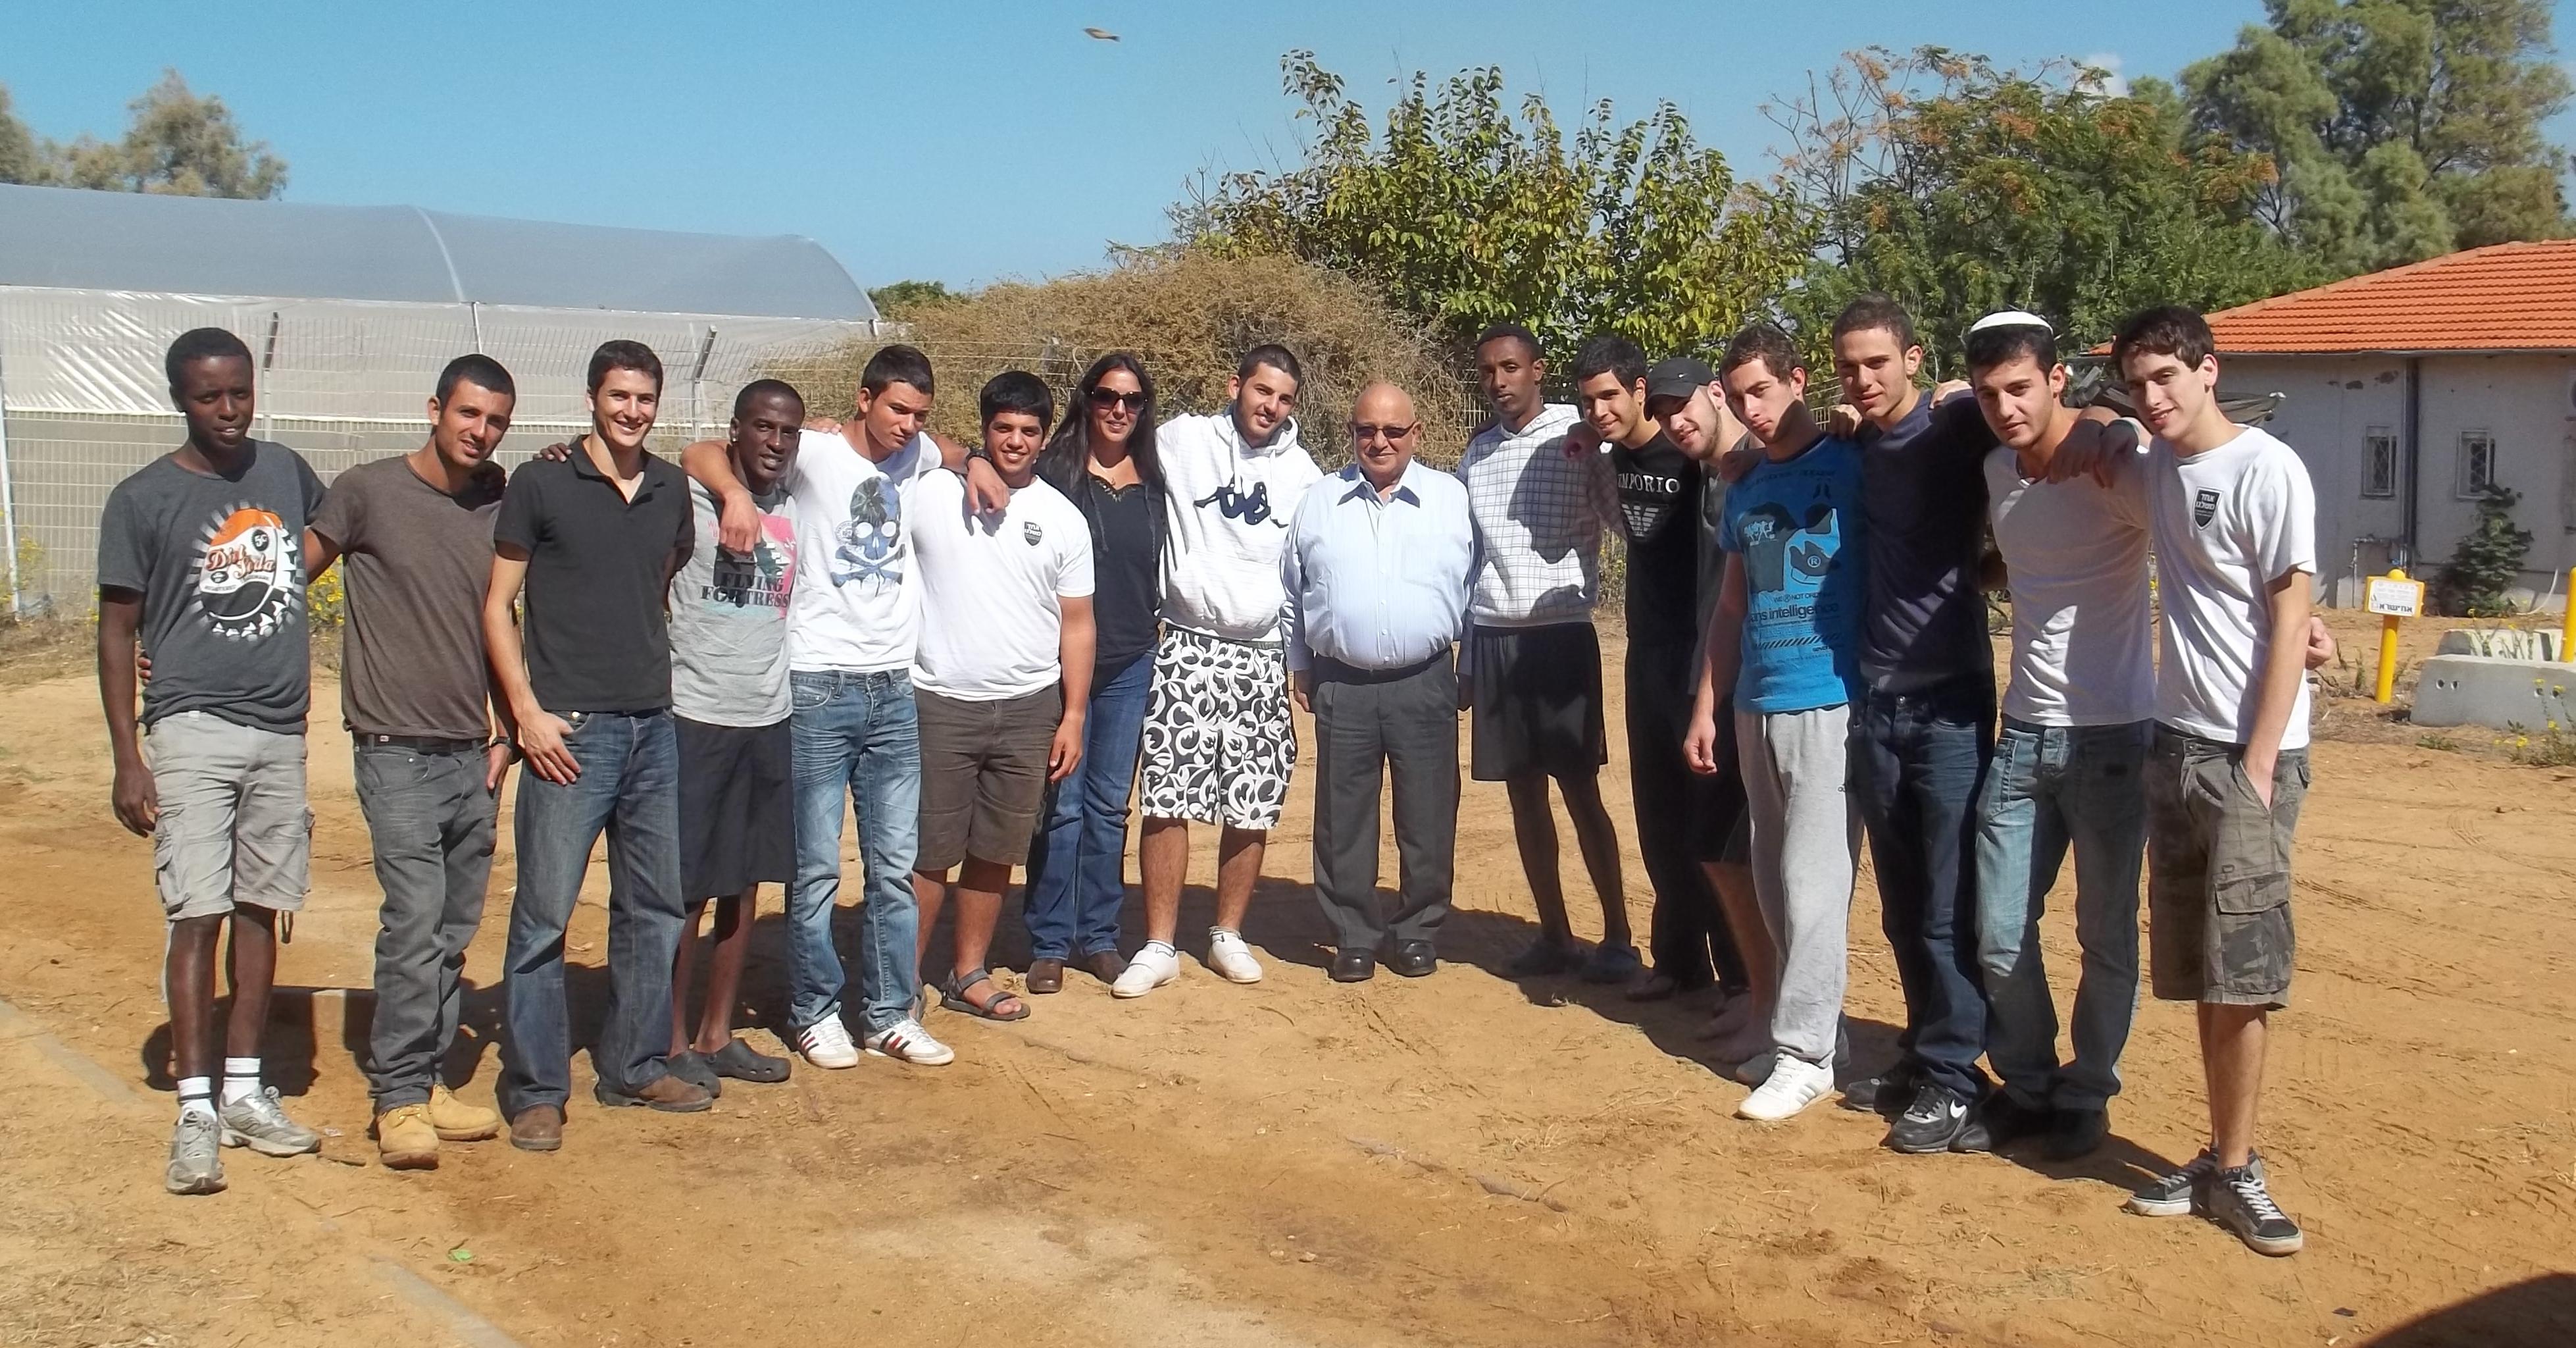 מחזור א' ביקור מאיר דגן 31.10.2011